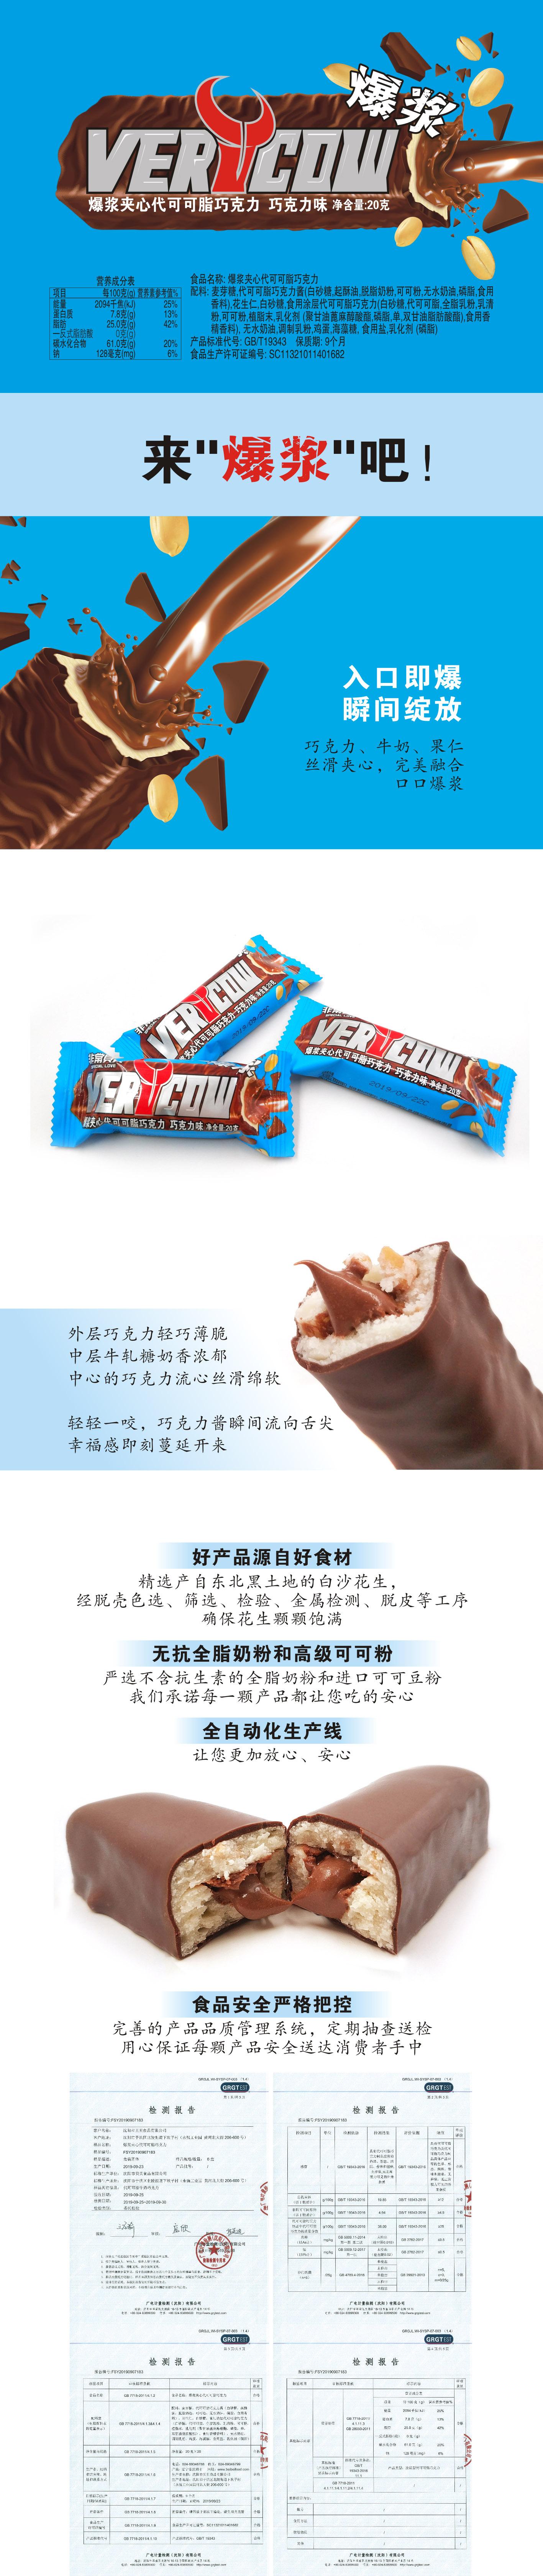 20克巧克力味-2